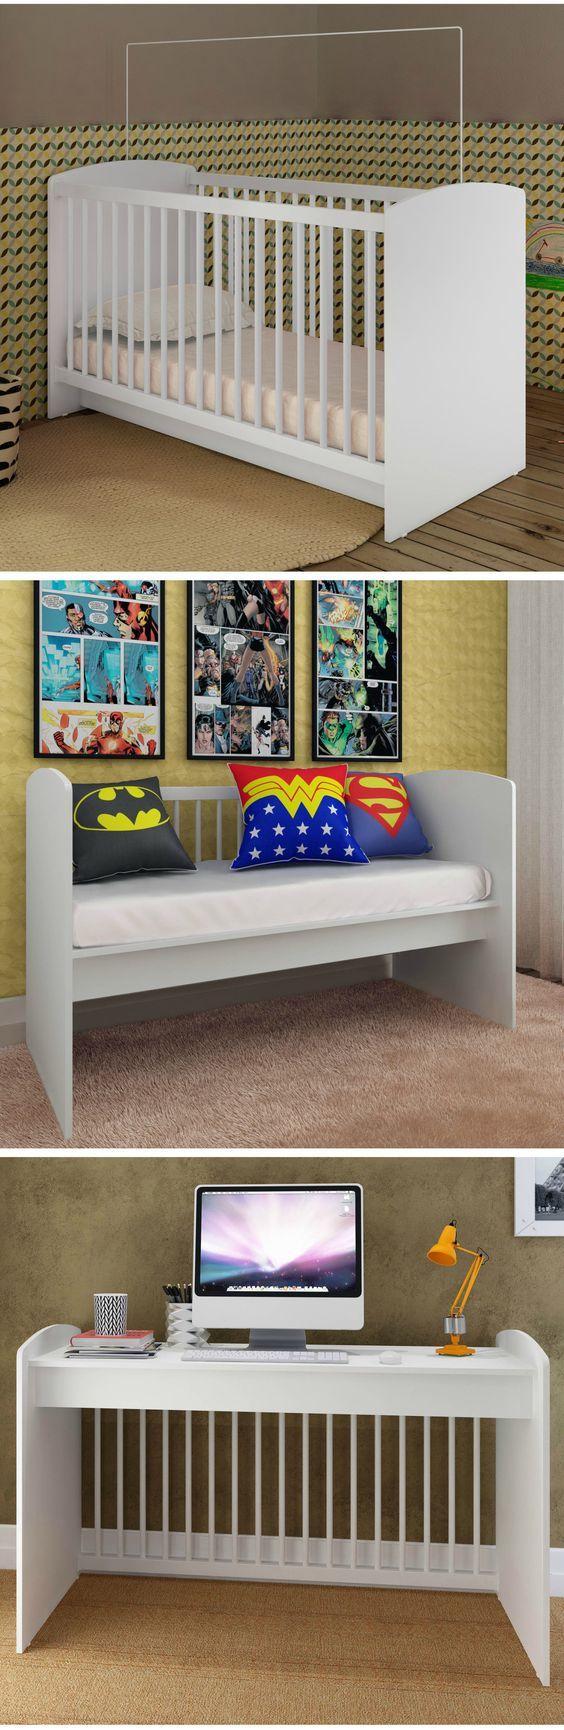 Mejores 75 Im Genes De Muebles Reciclados Recycled Furniture En  # Oohlala Muebles Y Accesorios Infantiles